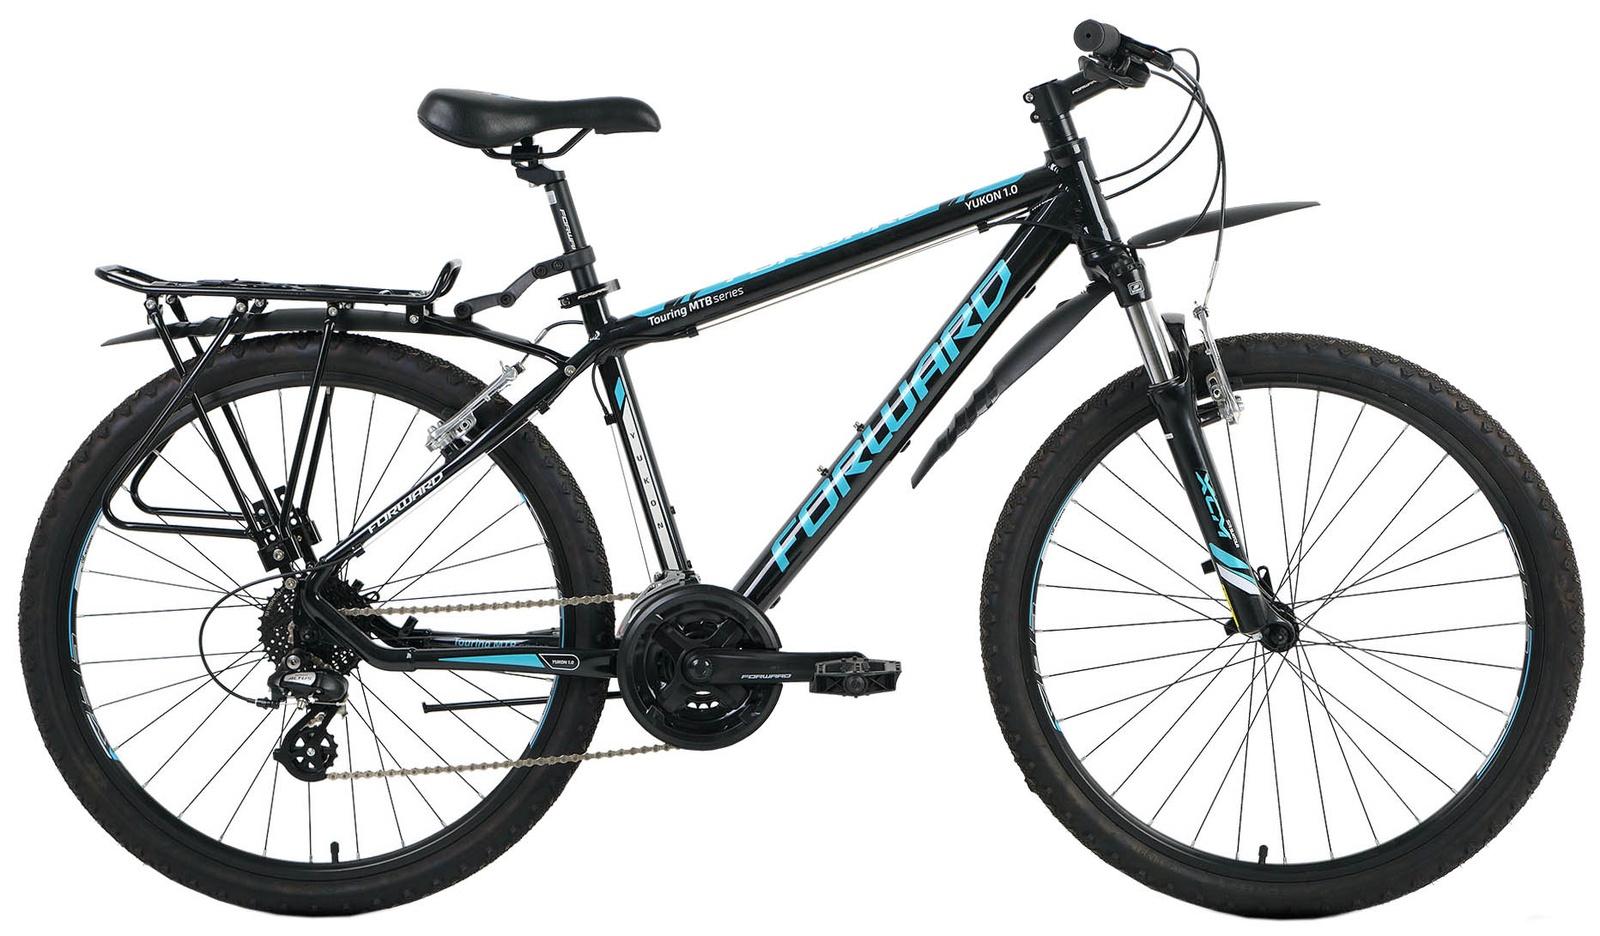 Велосипед Forward YUKON 1.0, RBKW6M66R017, черный велосипед forward barcelona 1 0 2017 1 скорость рама 17 синий